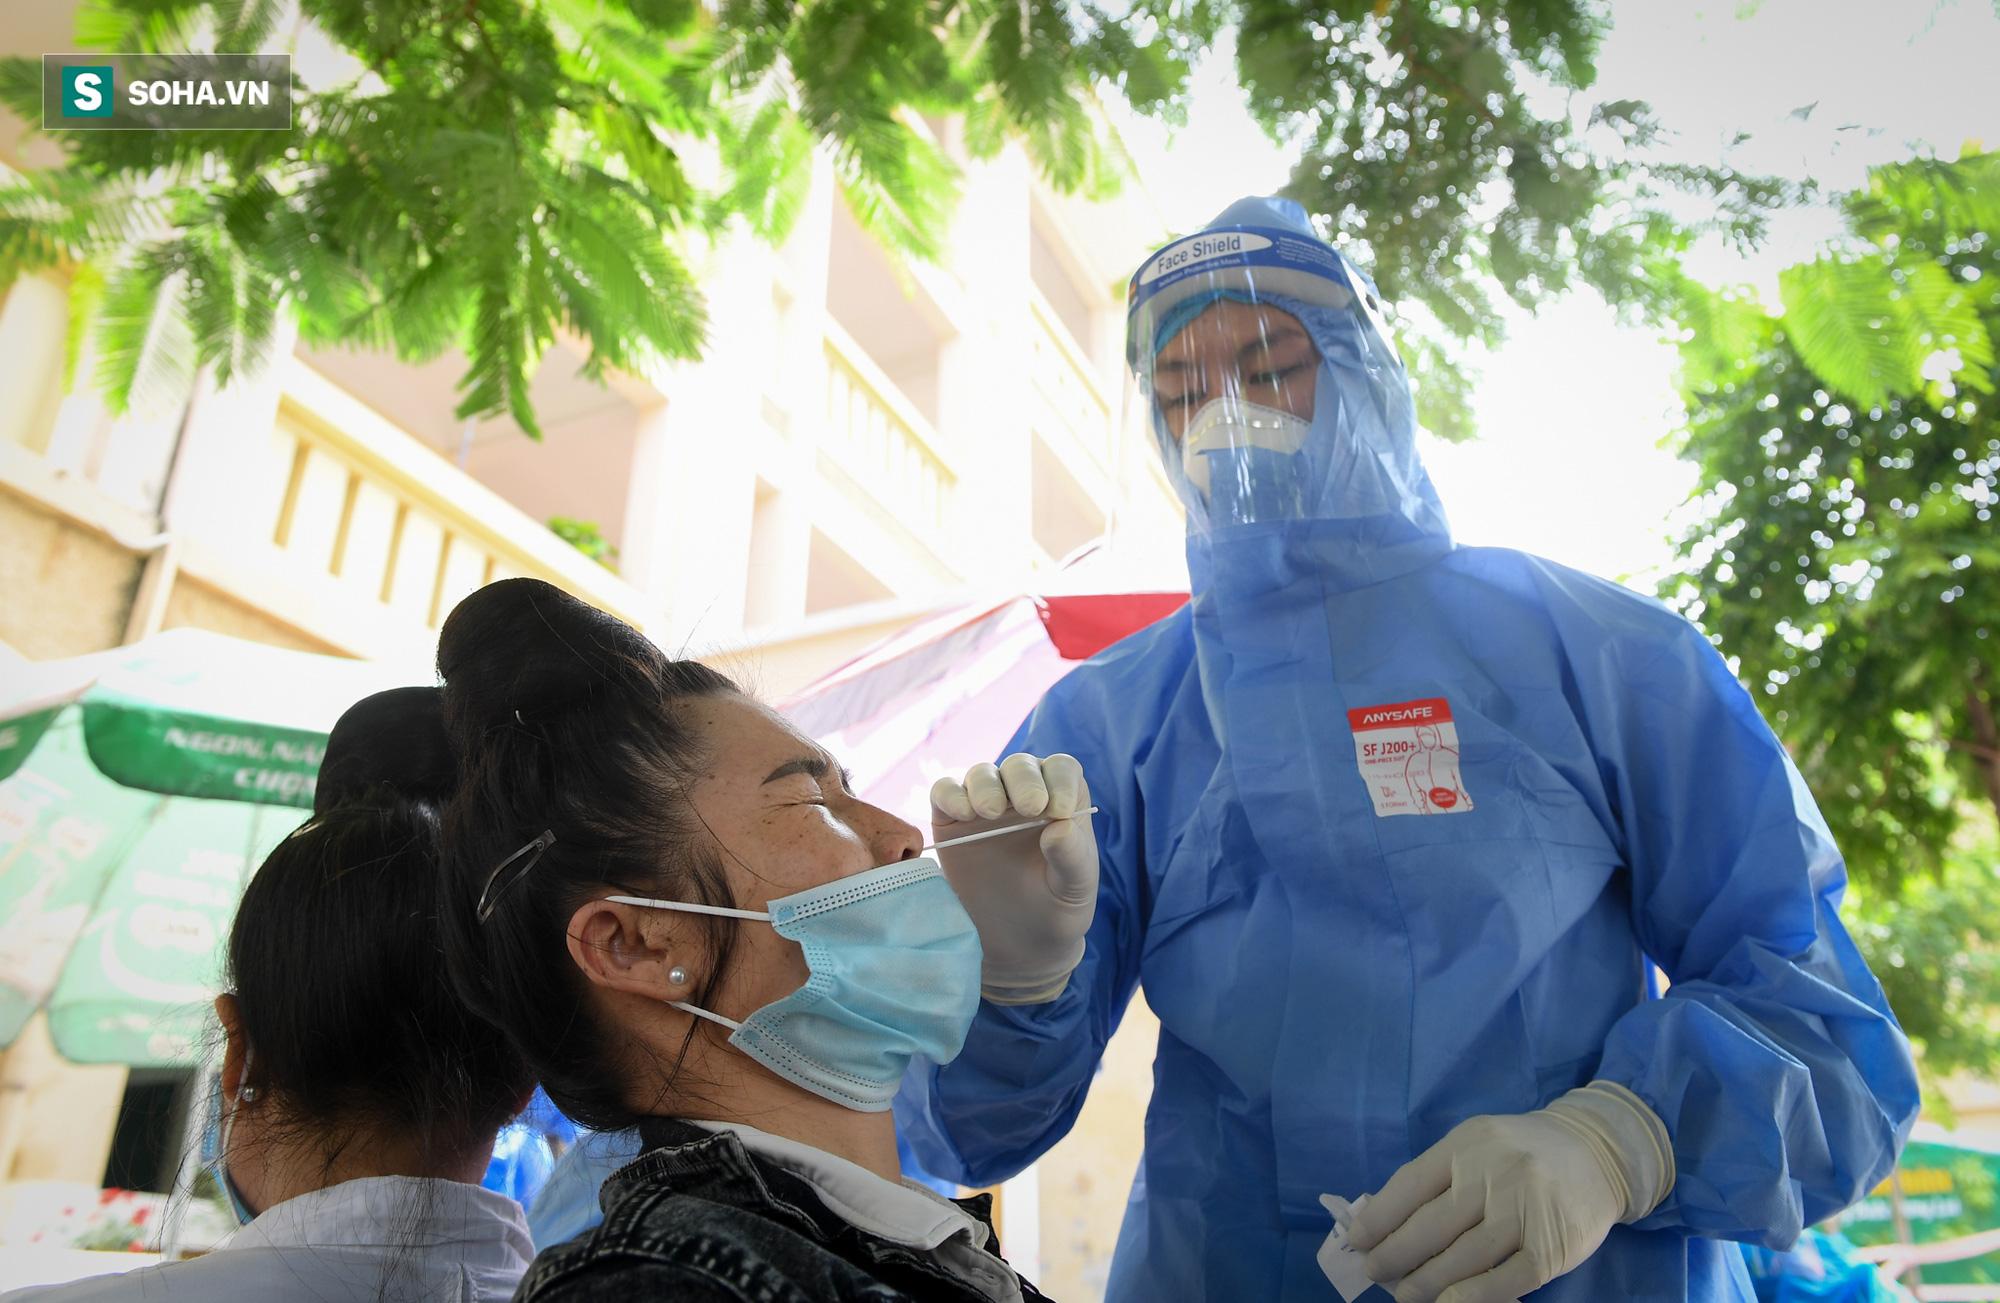 Phường ở Hà Nội tiêm vắc xin Covid-19 cho cả người không có giấy tờ tuỳ thân - Ảnh 10.